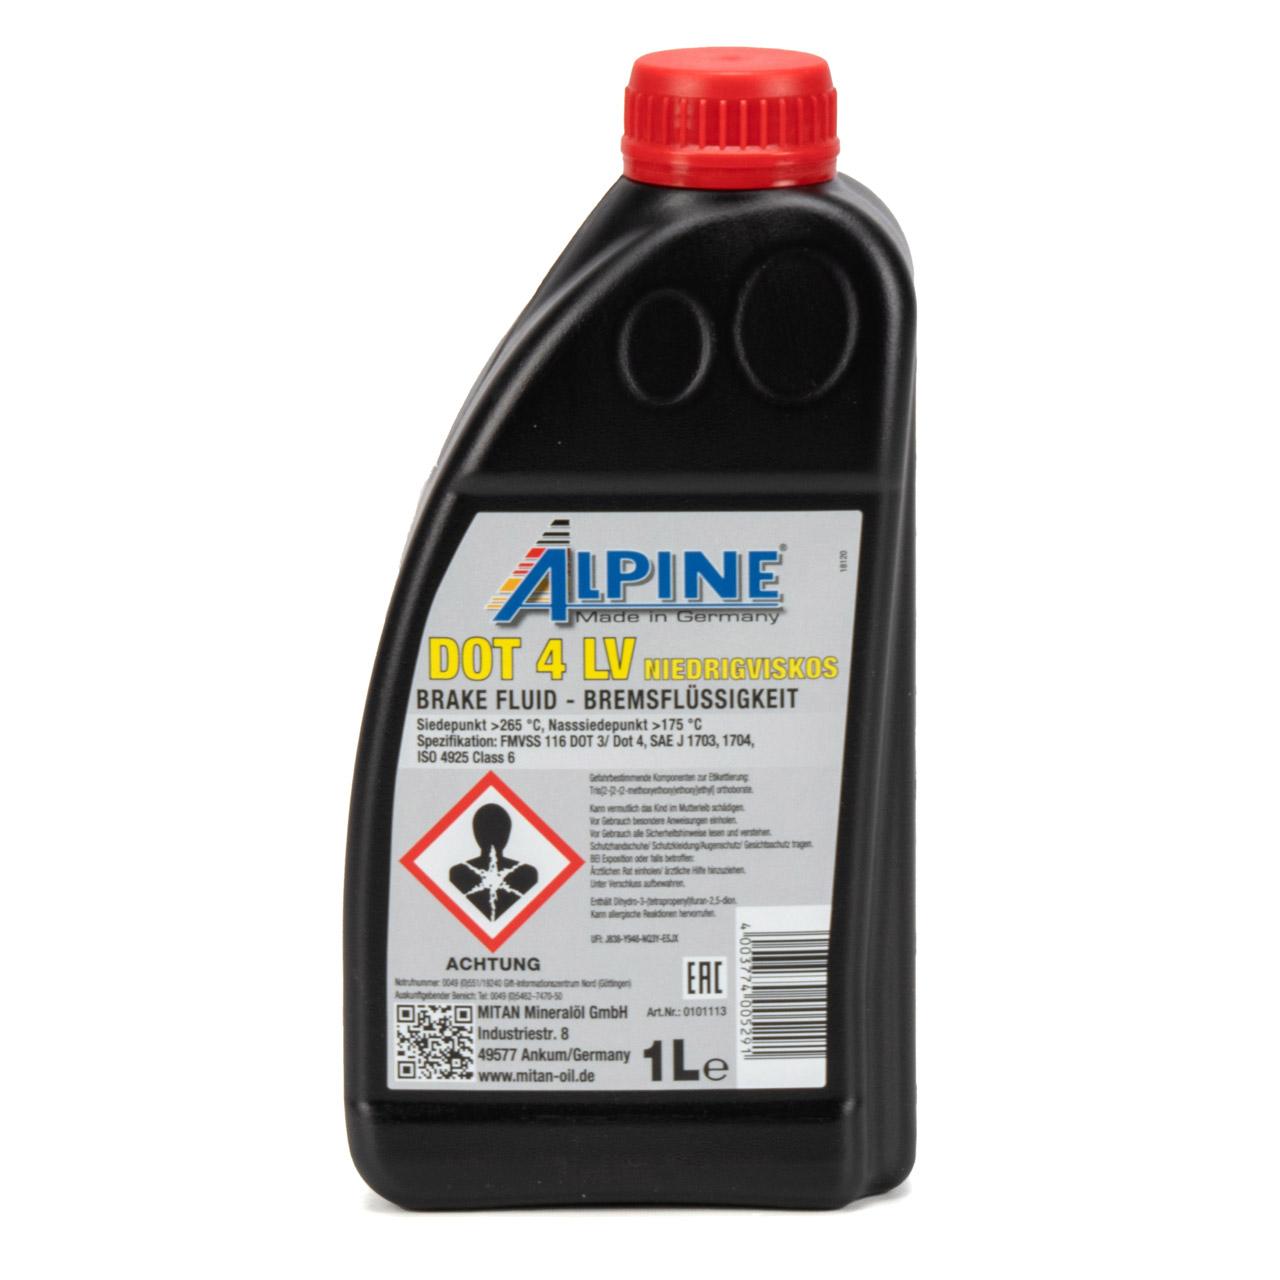 ALPINE 0101113 Bremsflüssigkeit DOT 4 LV FMVSS 116 DOT 3/DOT4 - 1L 1 Liter